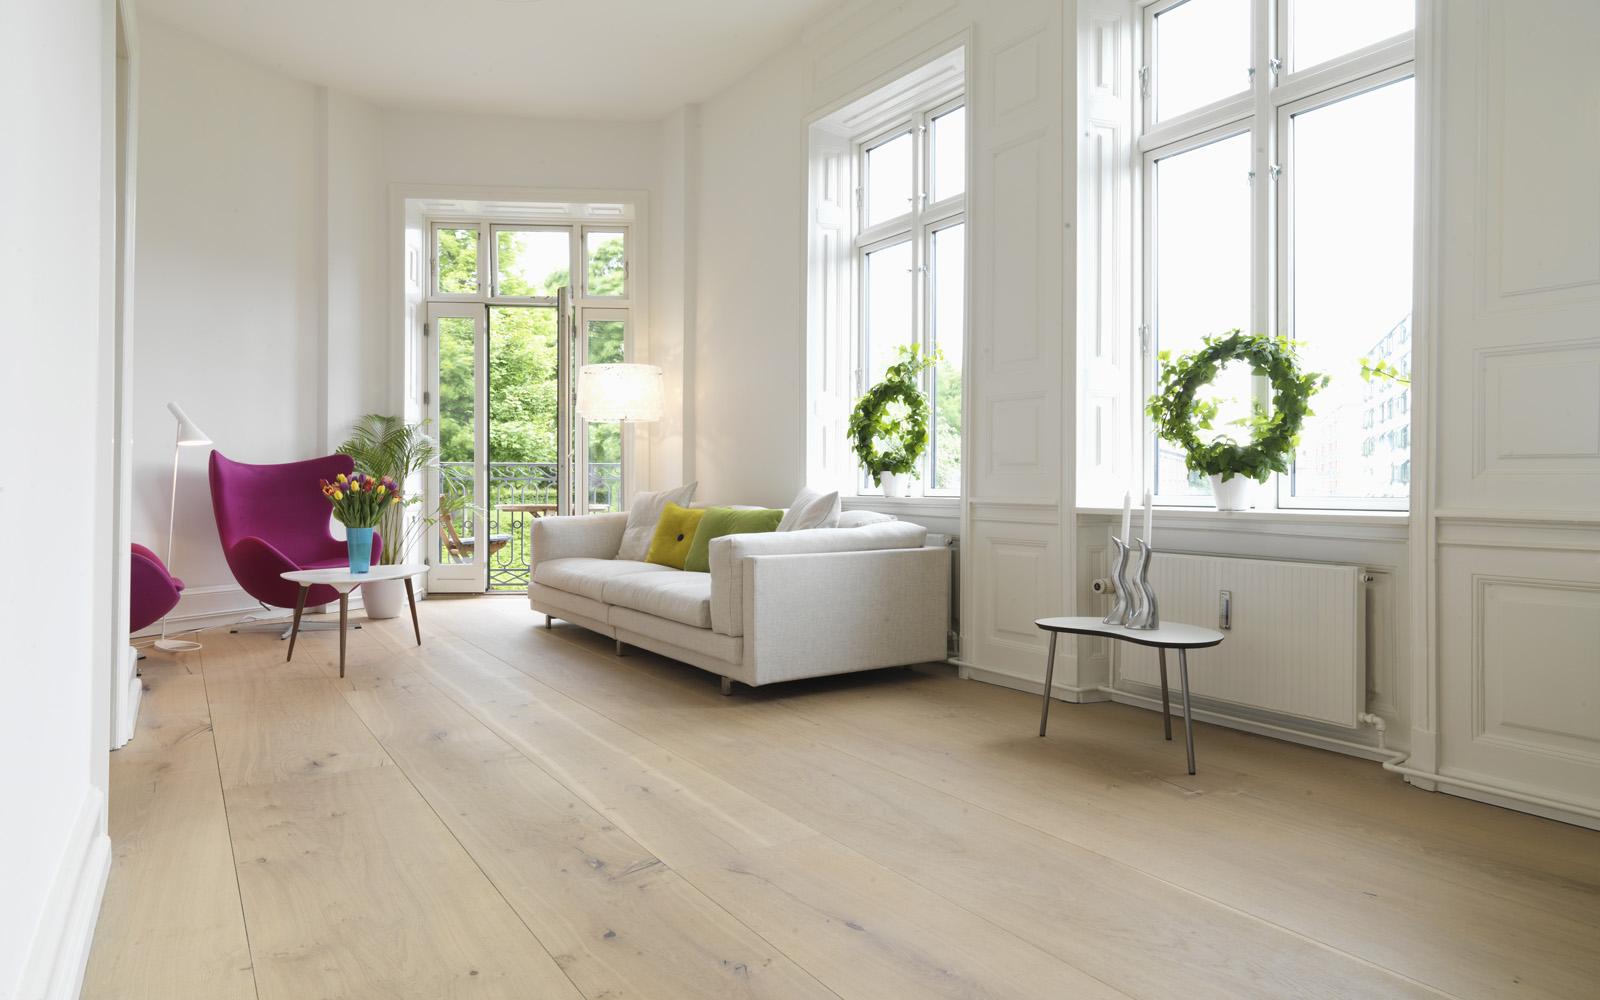 Decoraci n n rdica suelos de madera blog tienda - Decoracion de suelos interiores ...